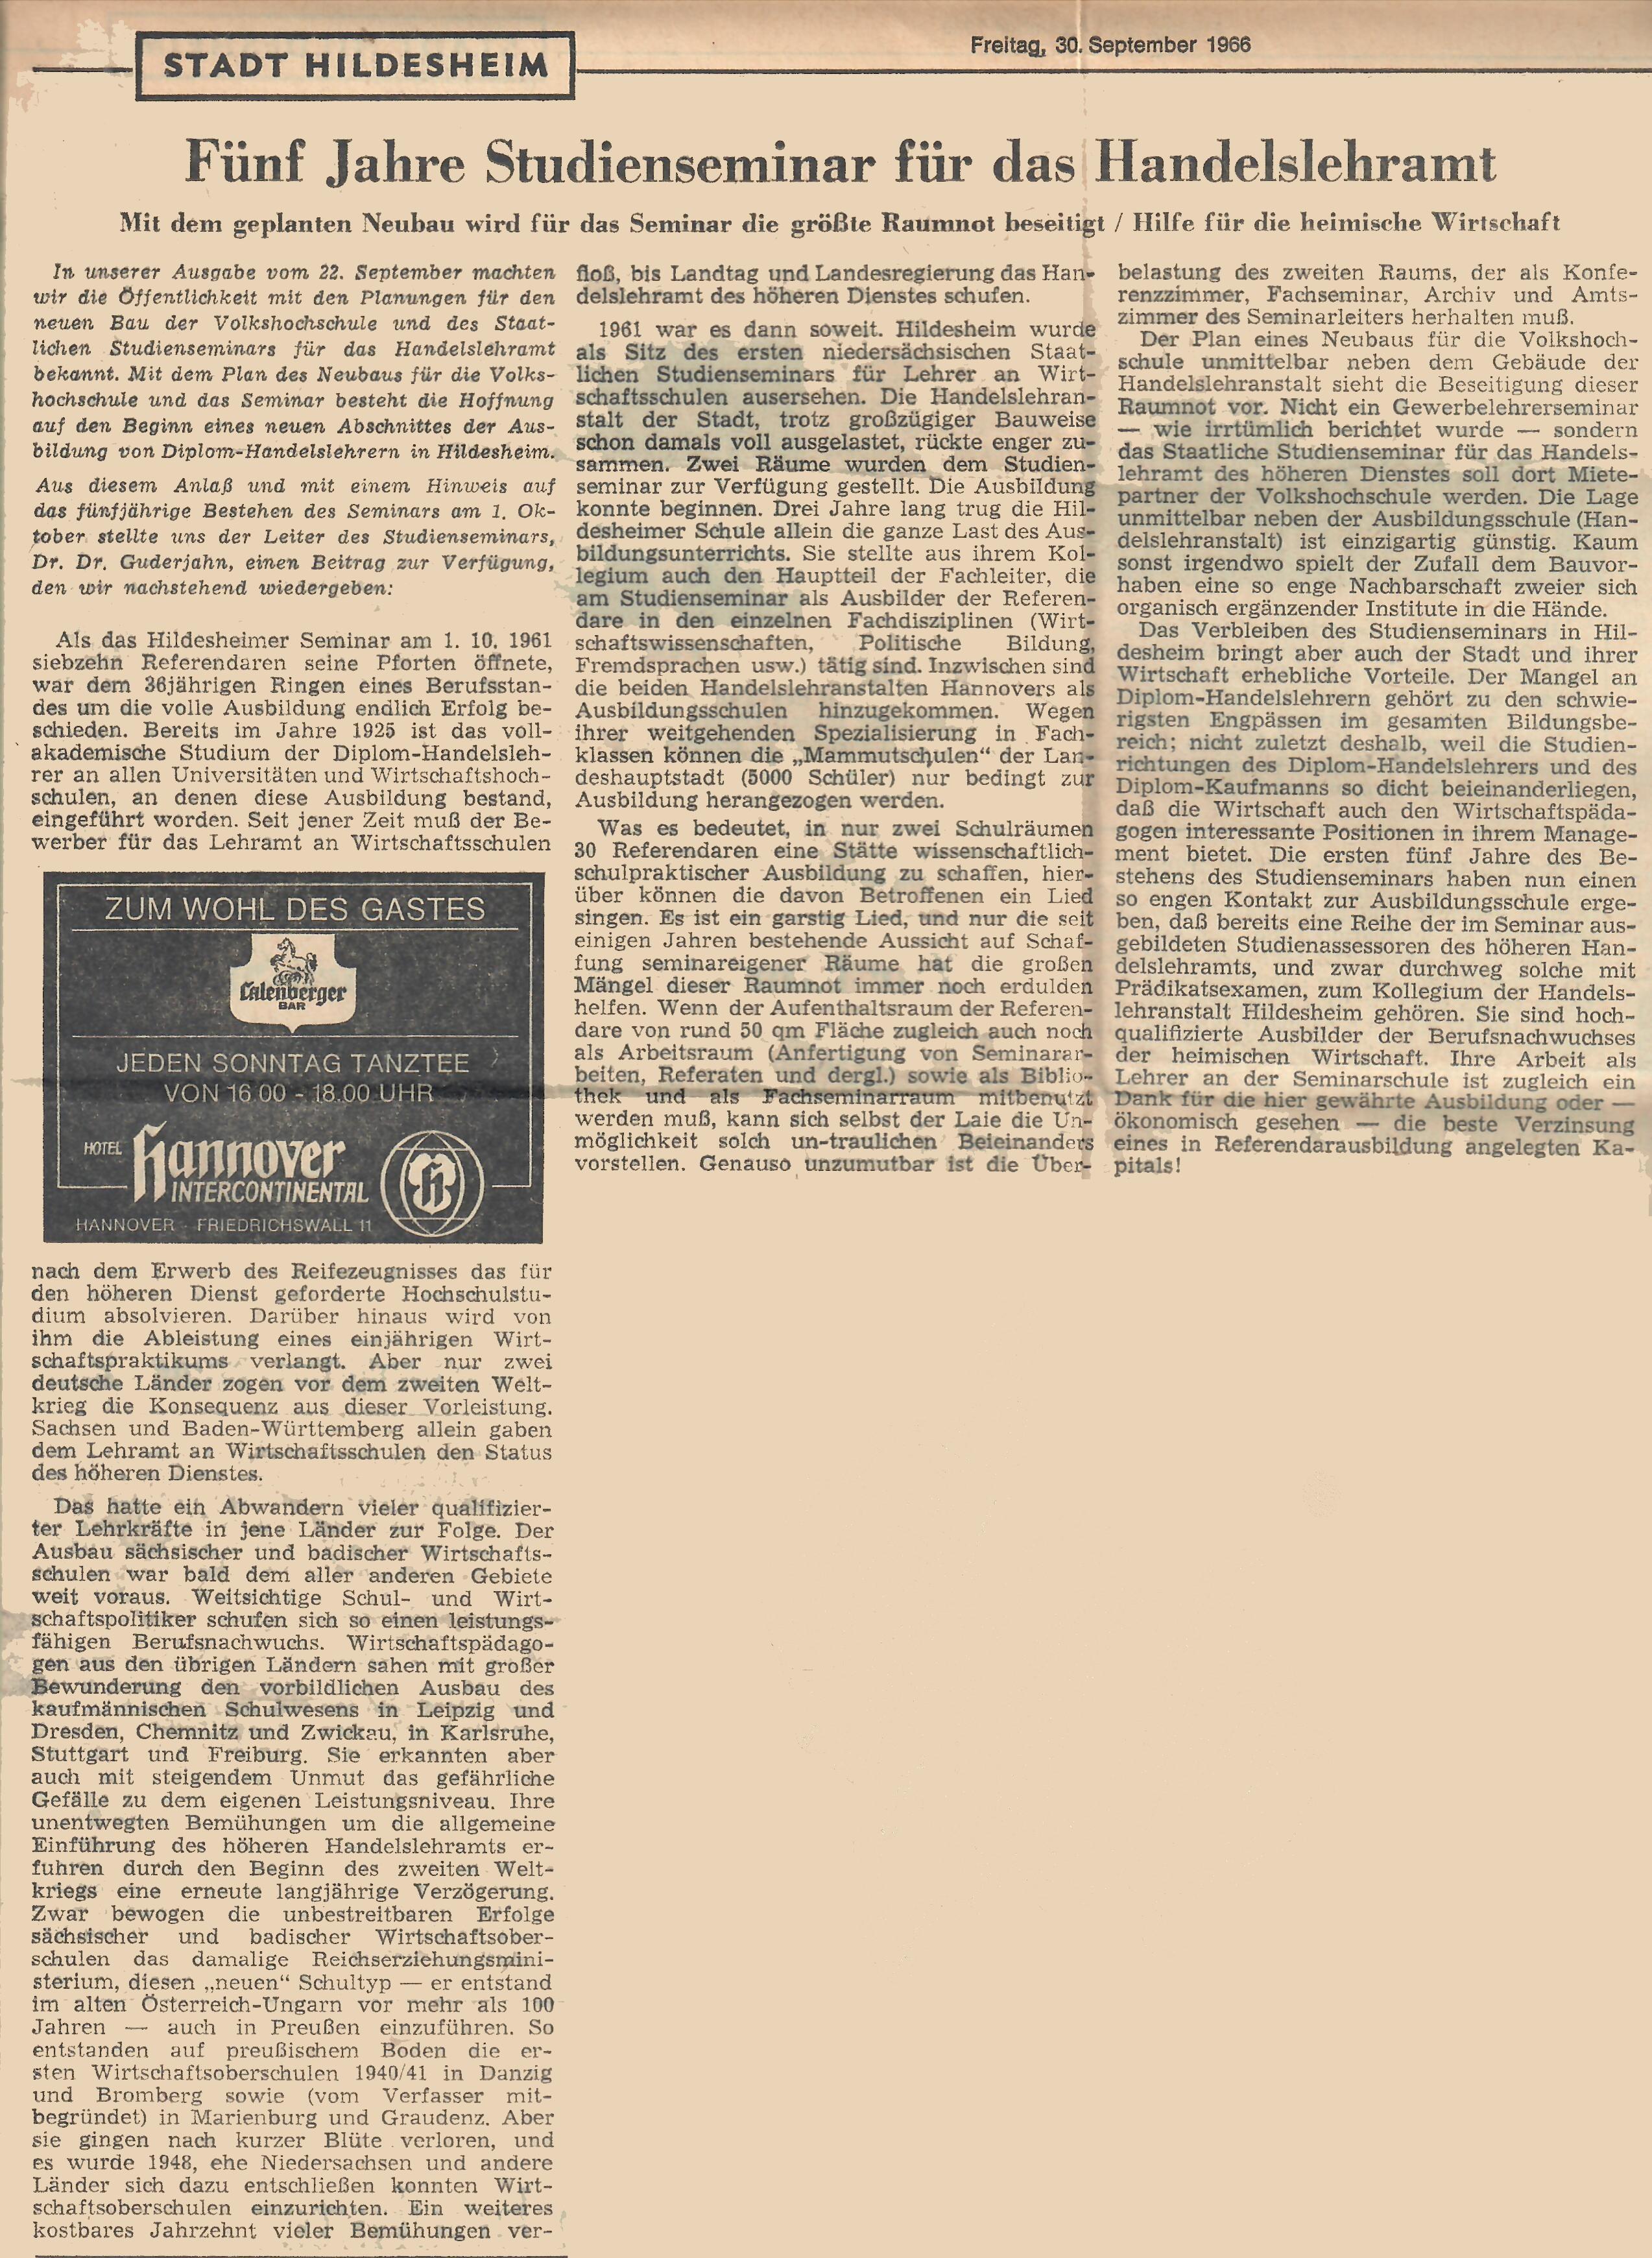 images/Seminarchronik/1966_5-jhriges_Bestehen_HAZ_b.jpg